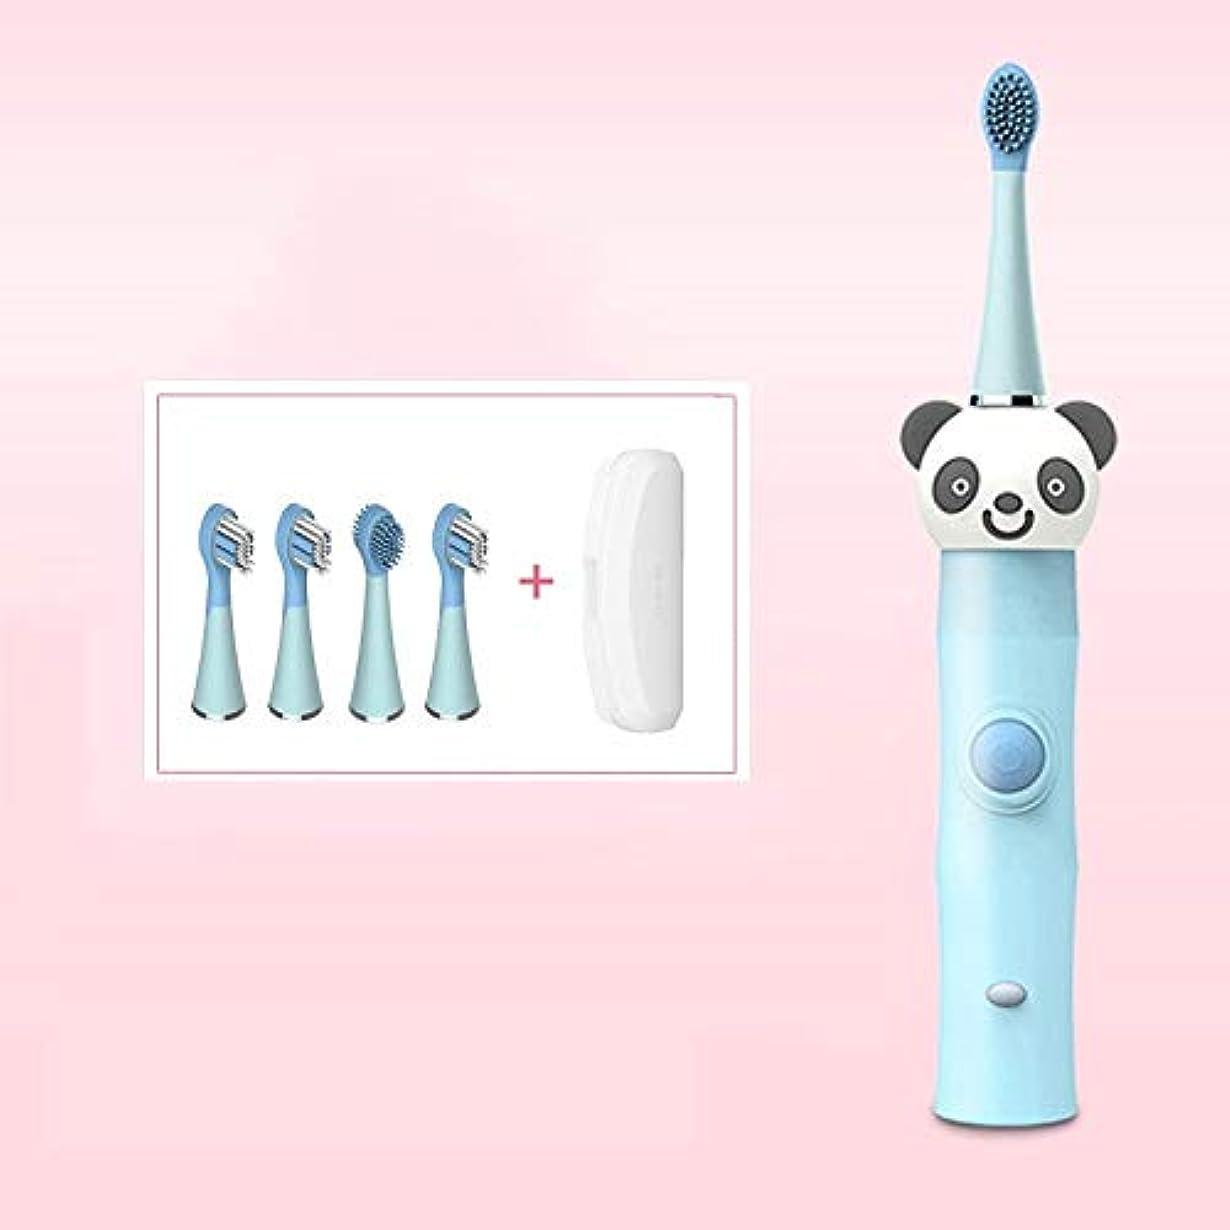 発掘する村滞在LMCYP 3-12歳に適した子供用充電式電動歯ブラシ、ソニック歯ブラシwith4交換可能なブラシヘッド、ワンボタン制御、低ノイズ、誘導充電 (色 : 青)